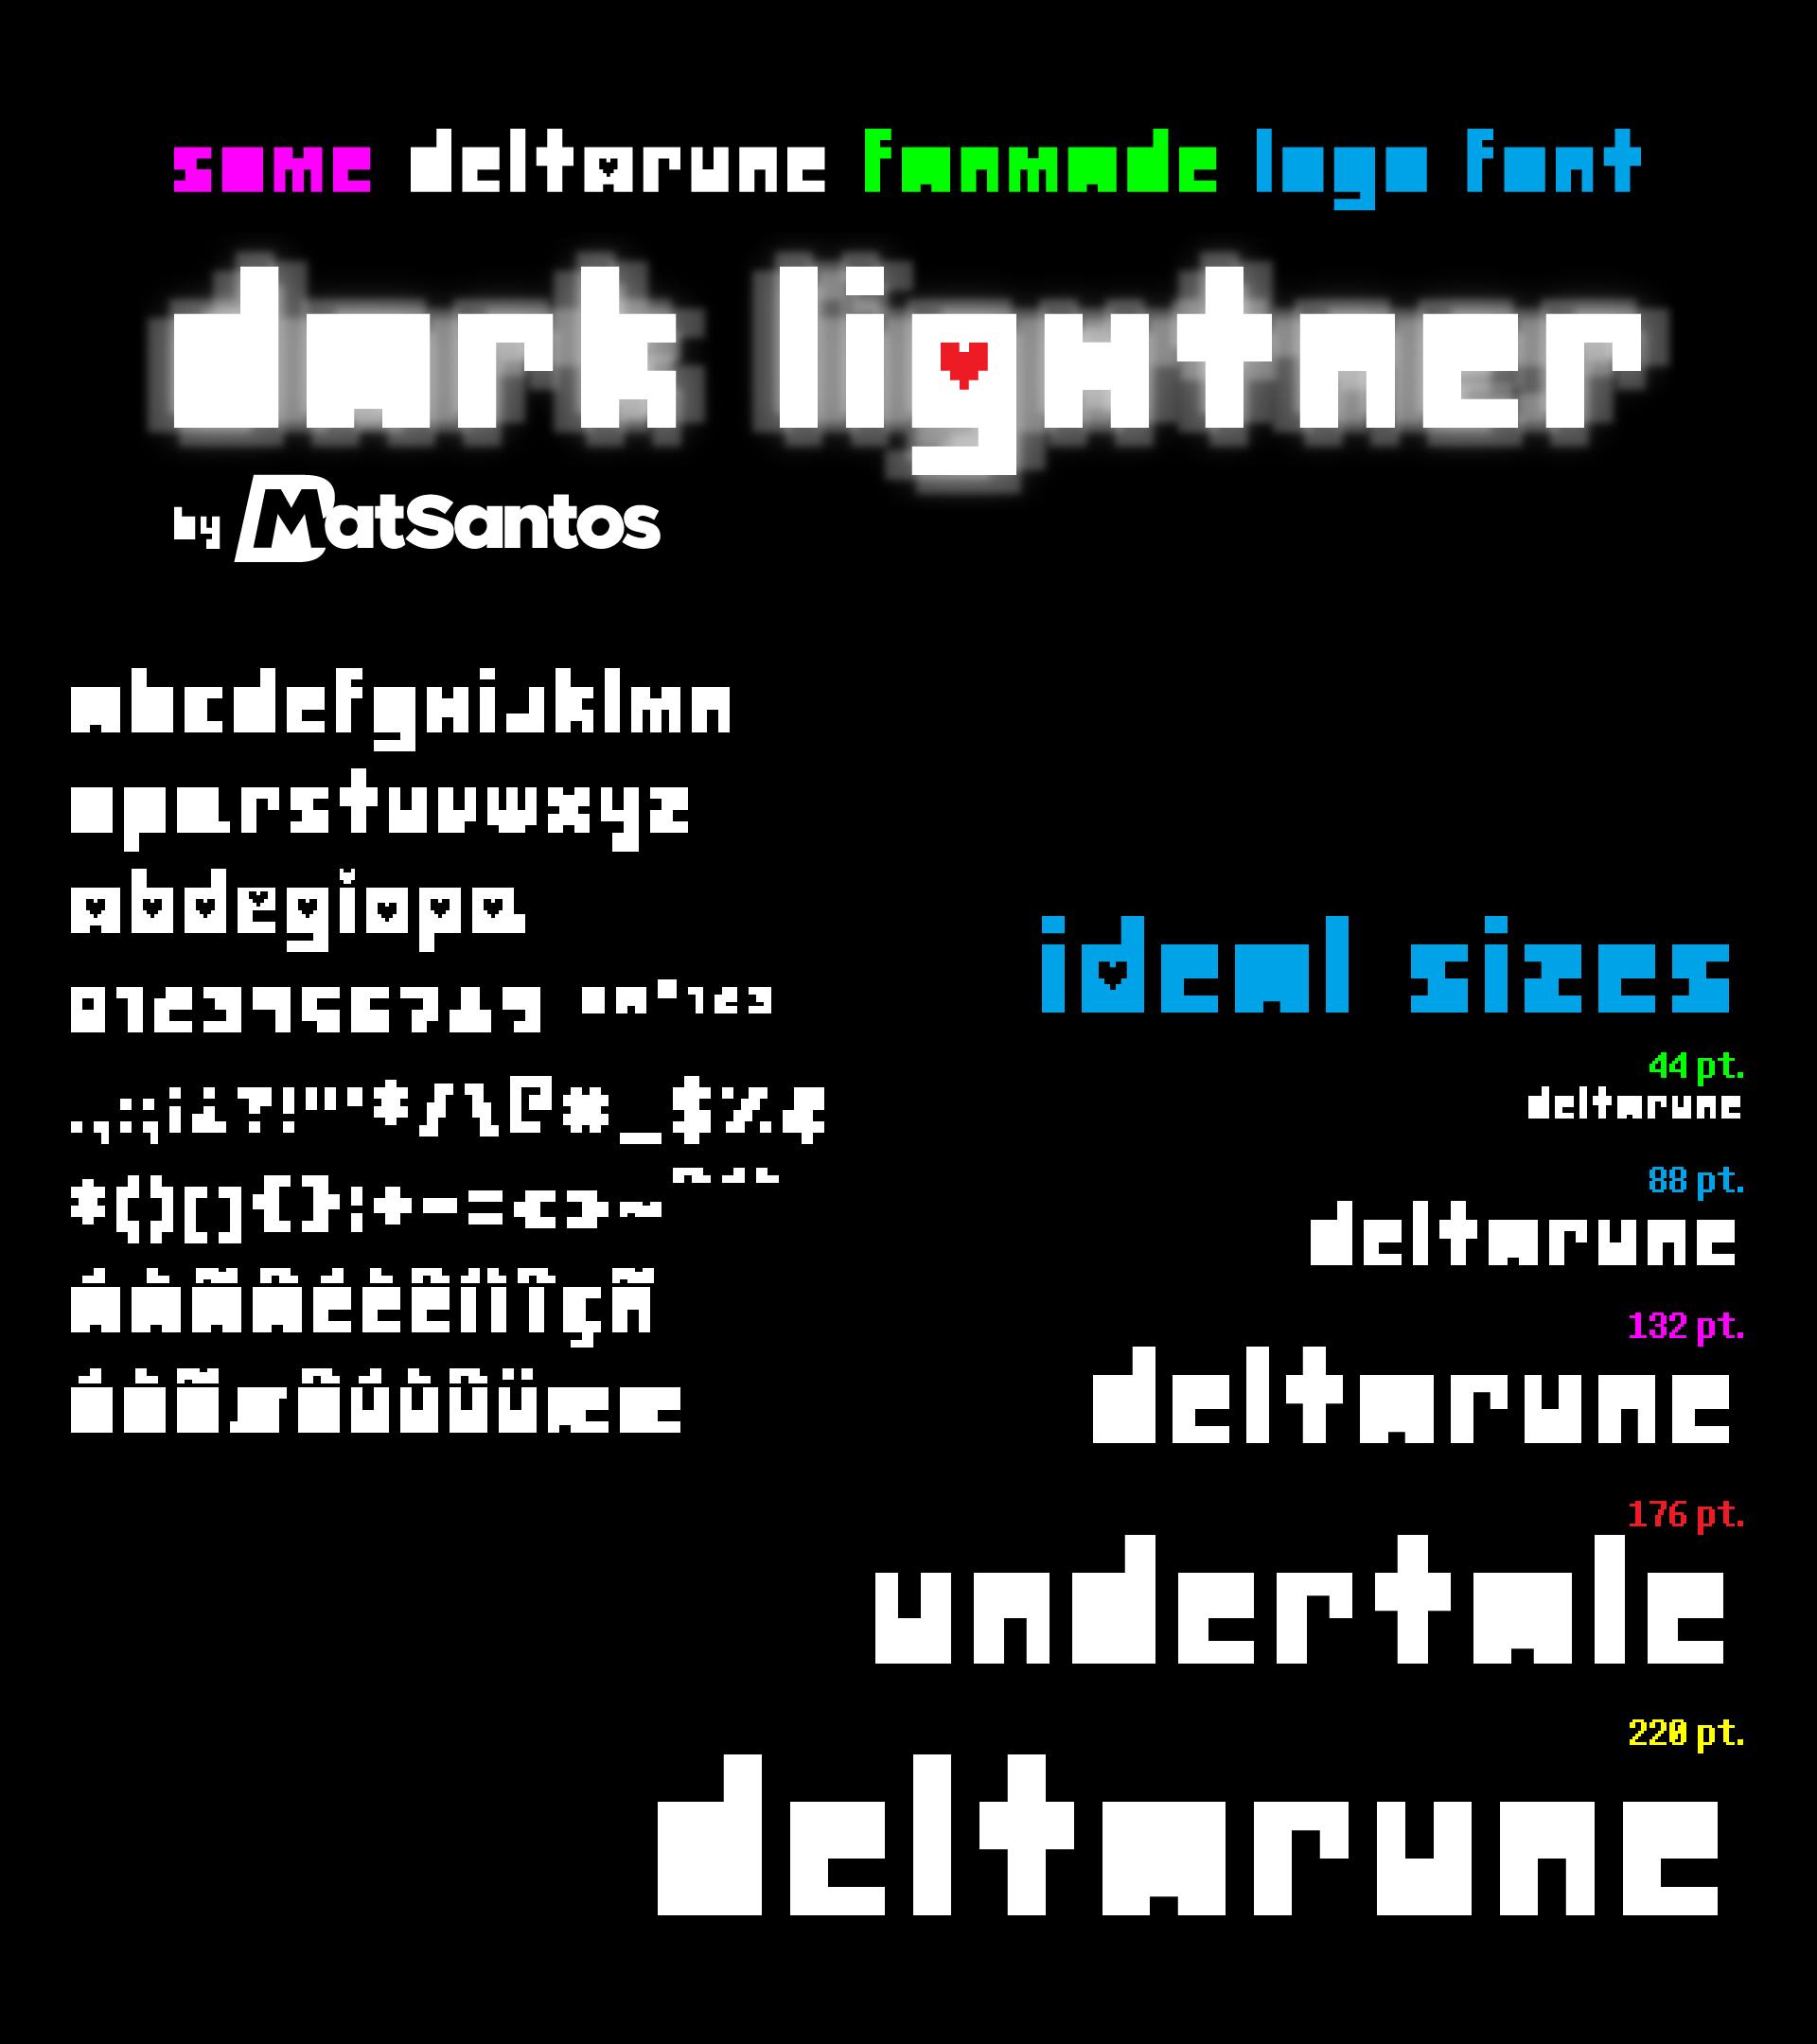 Dark Lightner Deltarune Logo Font By Bmatsantos By Bmatsantos On Deviantart